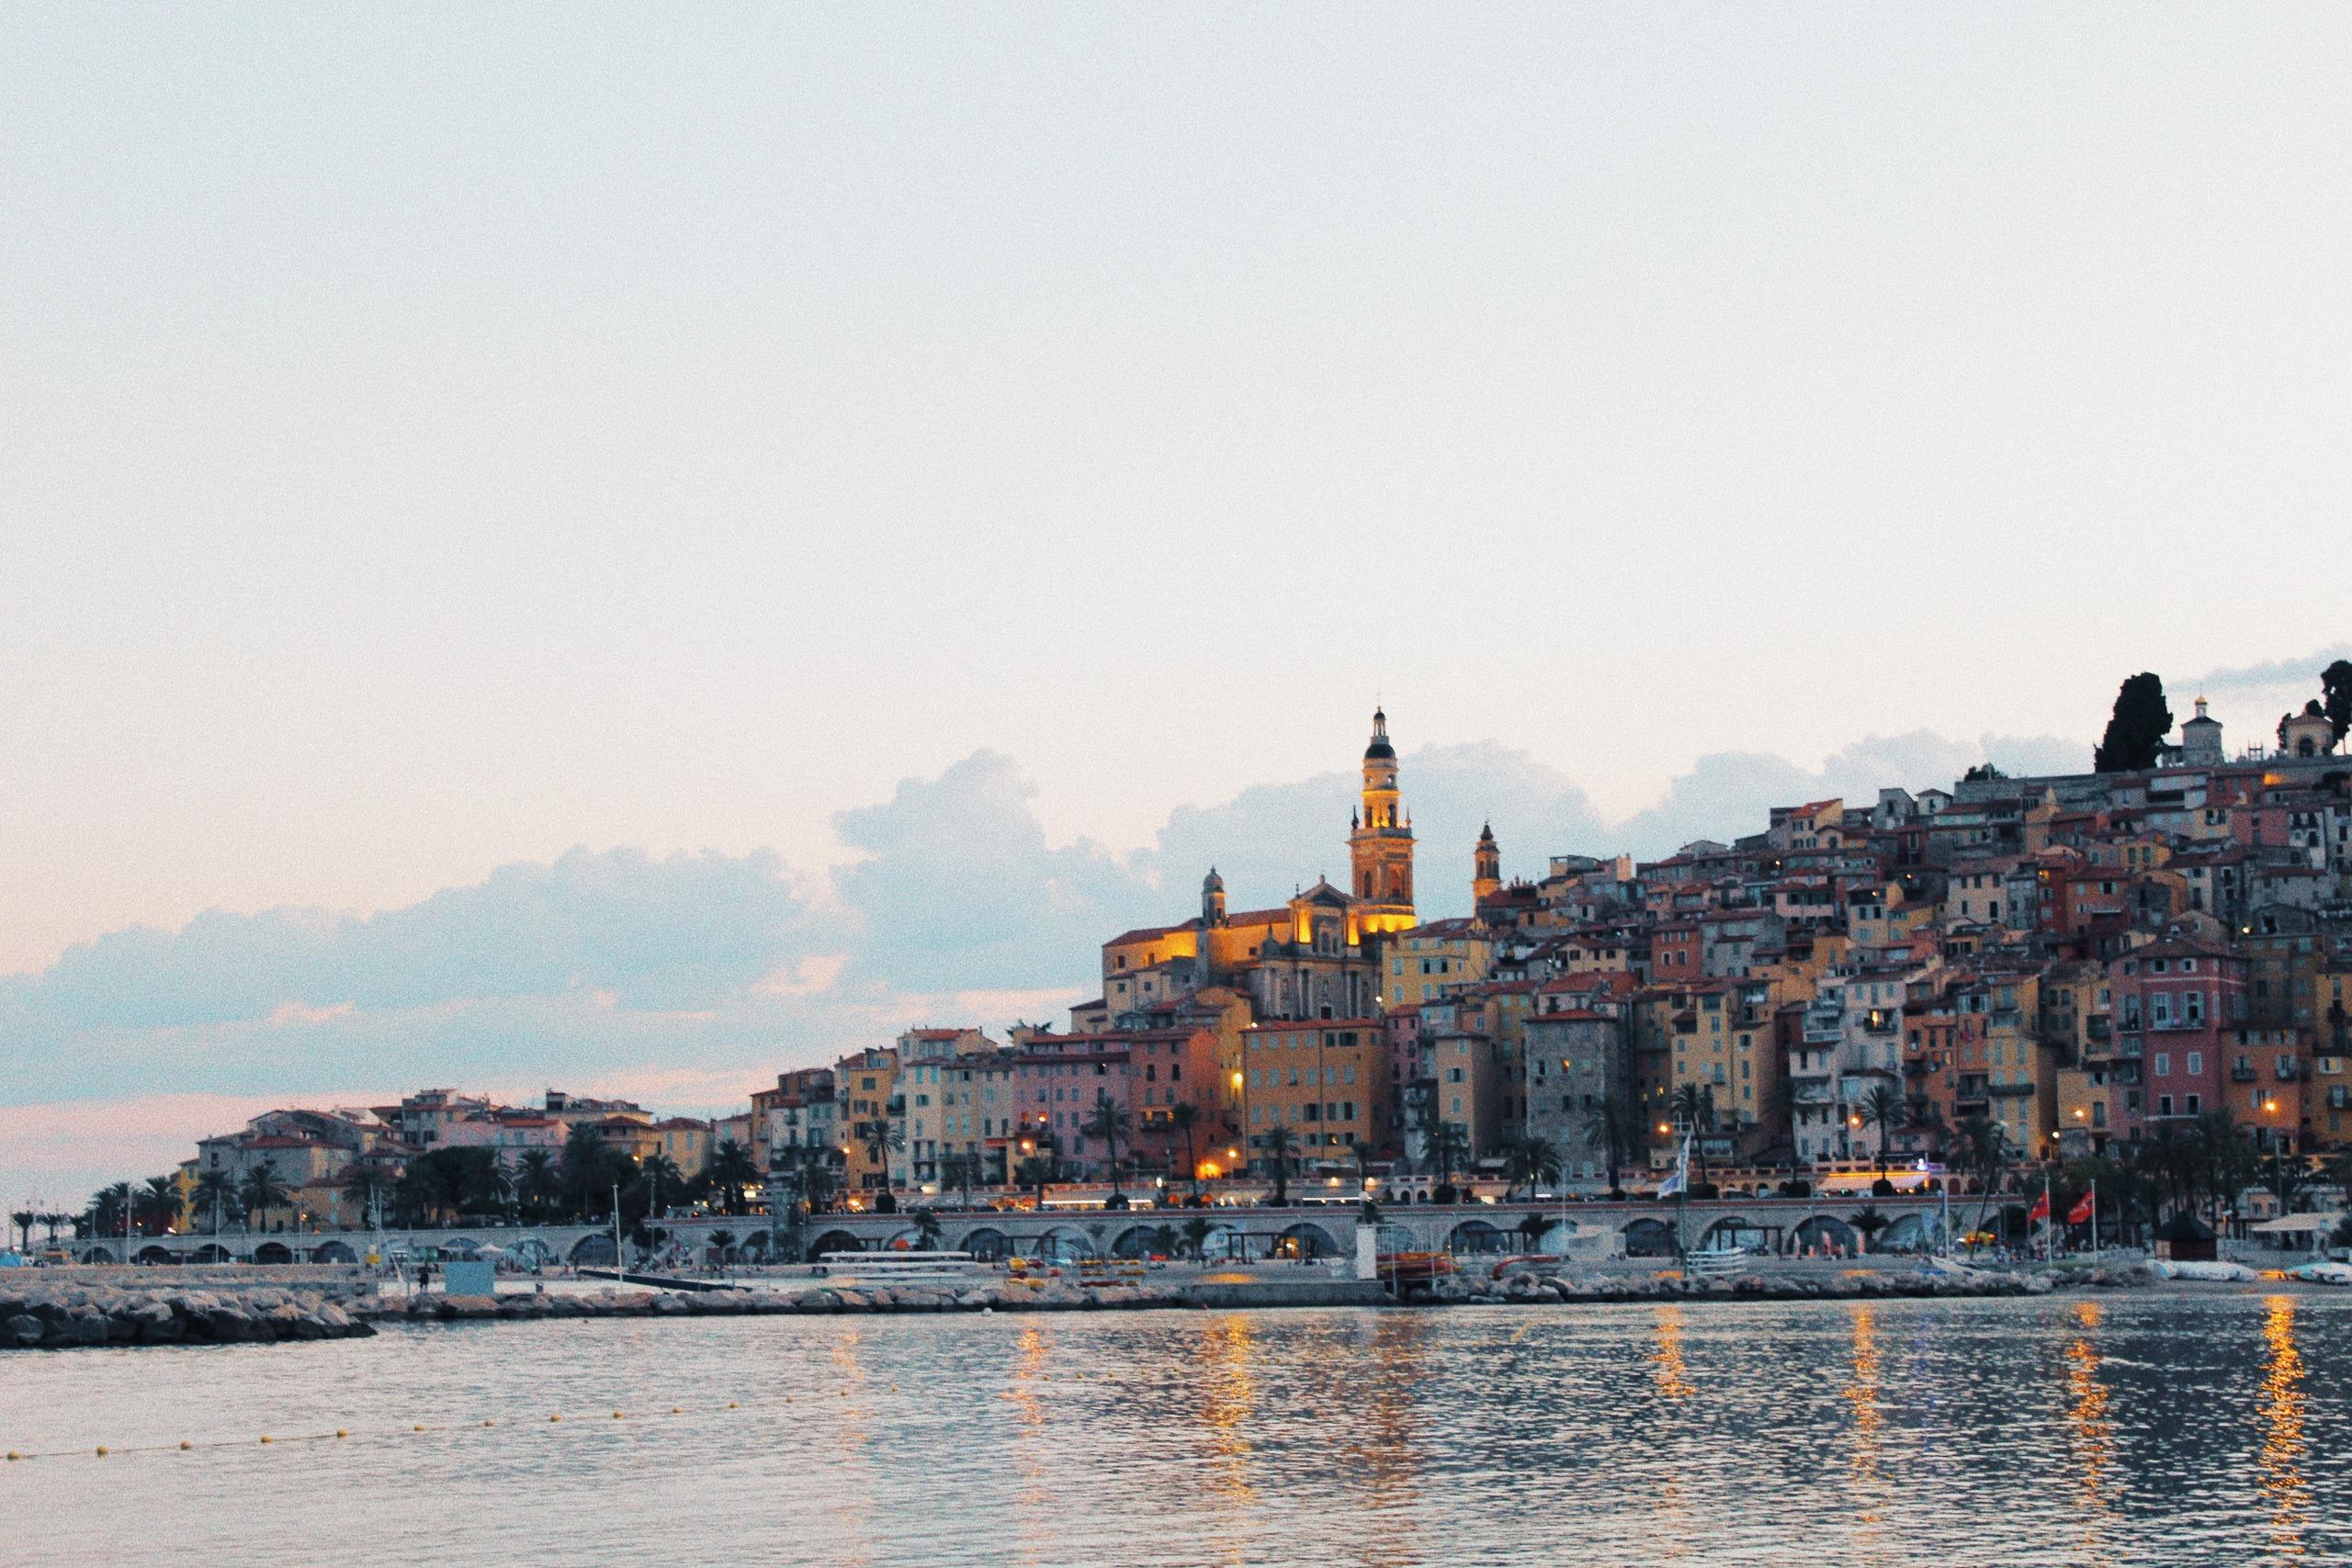 Menton (Provence-Alpes-Côte d'Azur)